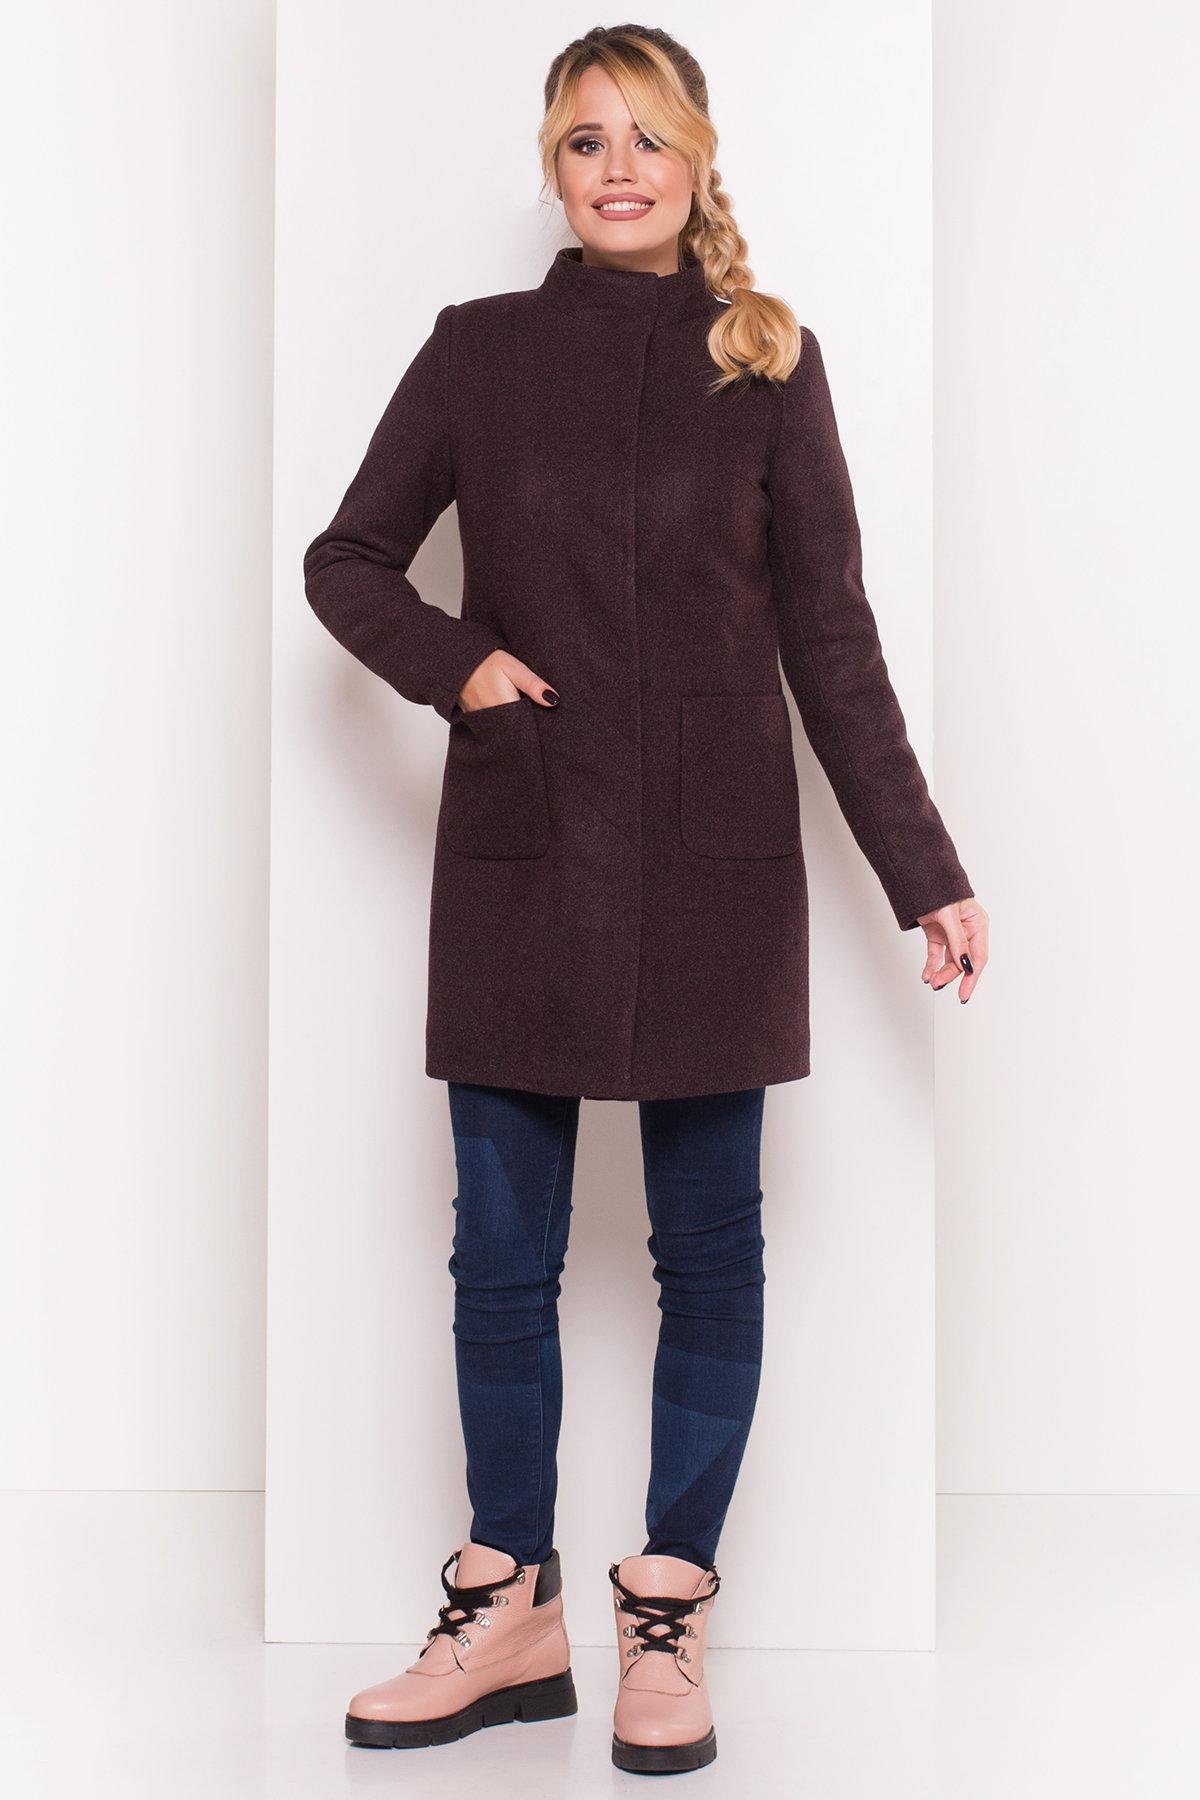 Пальто зима с хомутом Мелини 5644 АРТ. 38236 Цвет: Марсала 5 - фото 4, интернет магазин tm-modus.ru